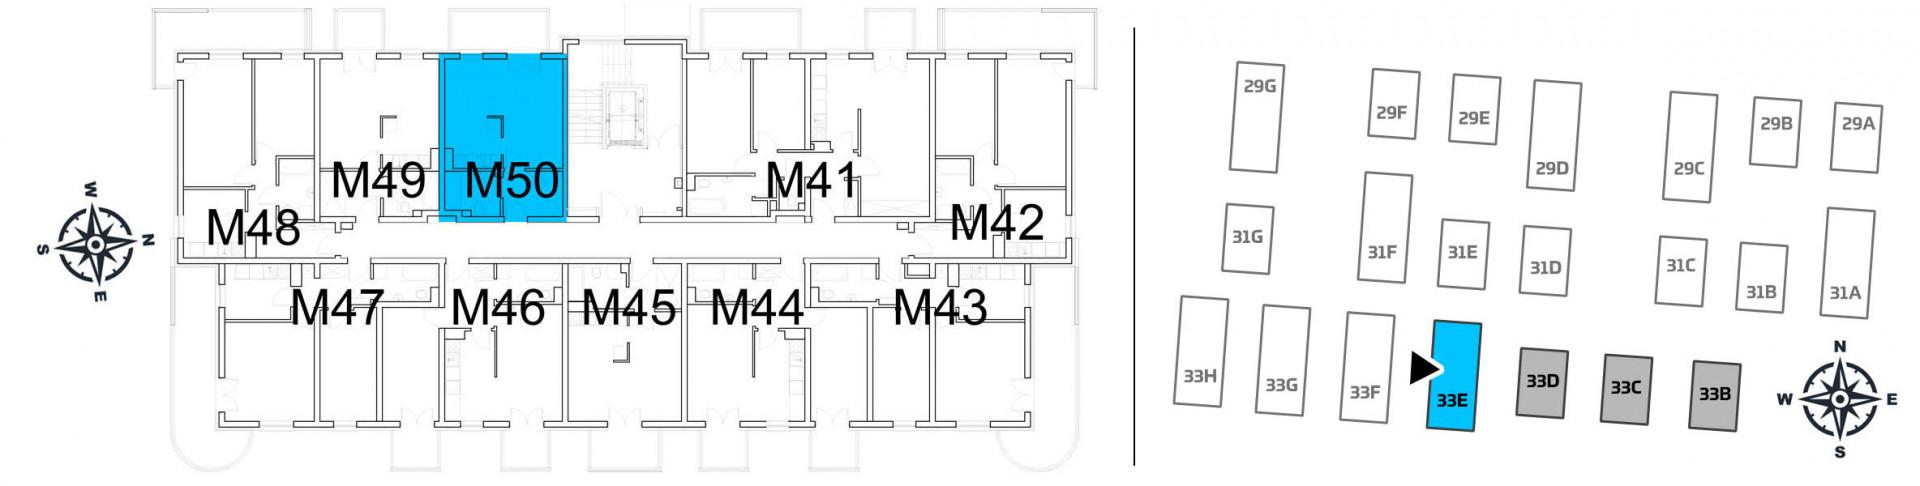 Mieszkanie jednopokojowe 33E/50 rzut 2